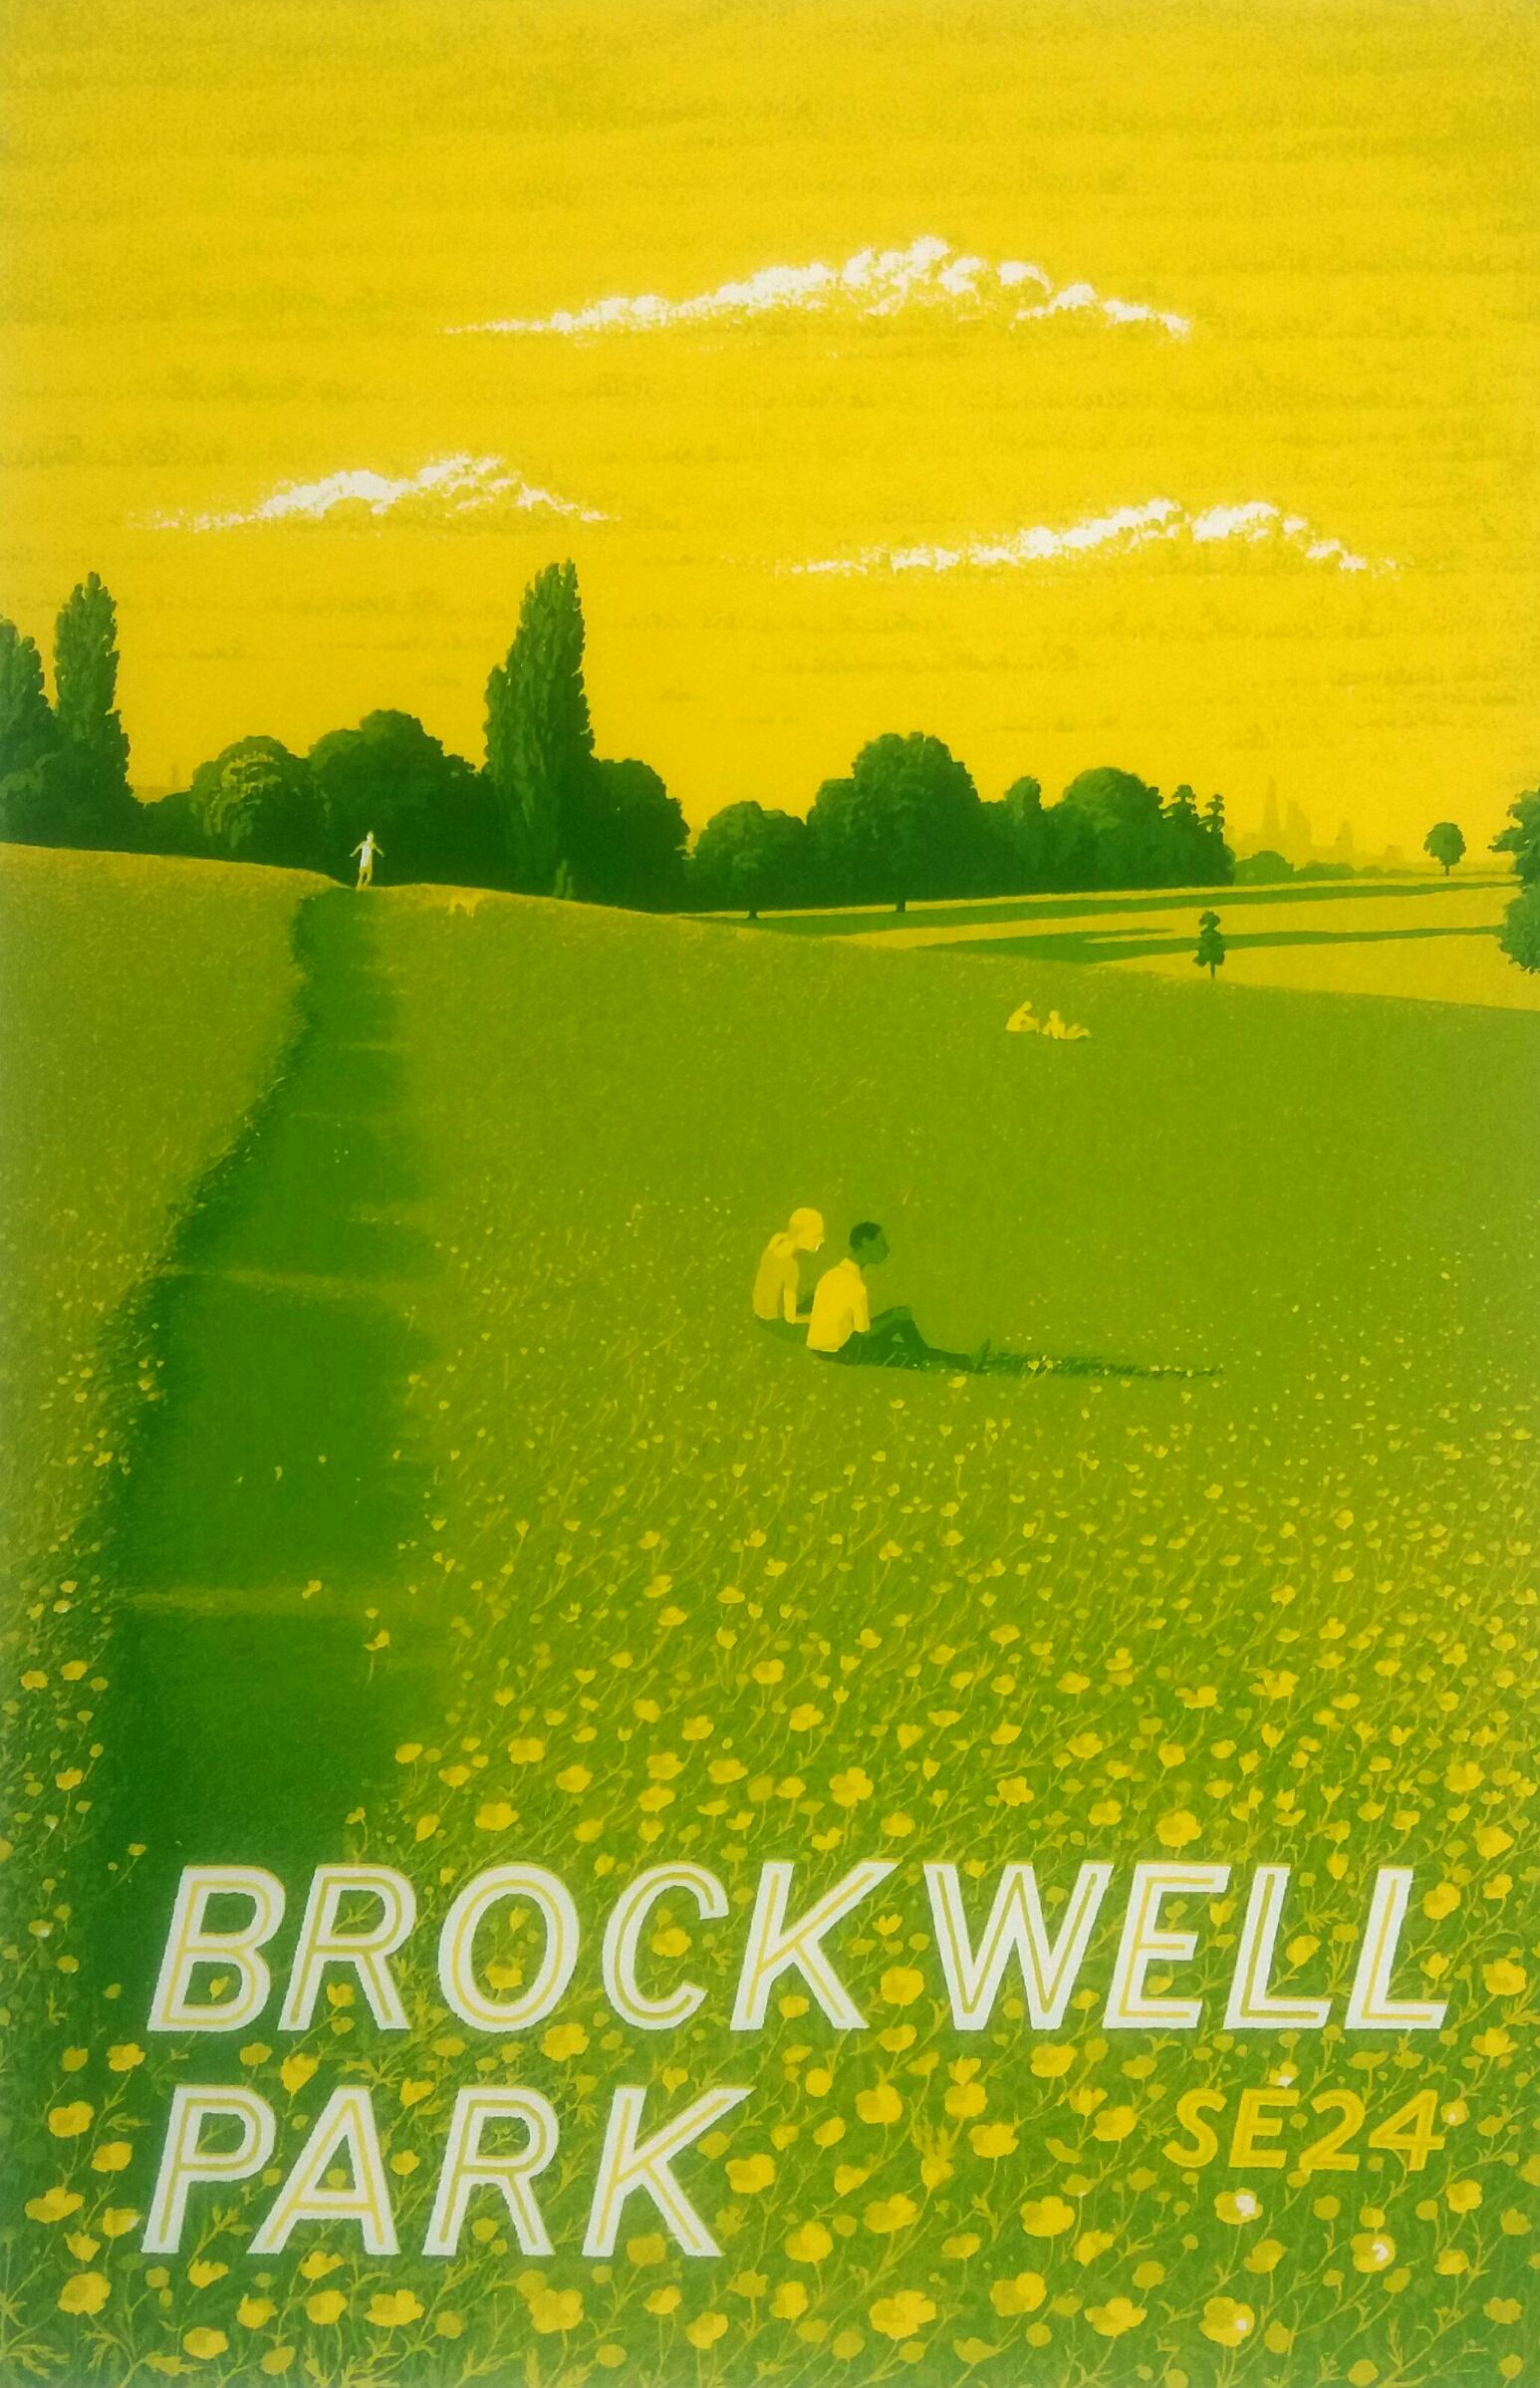 Brockwell Park, SE24